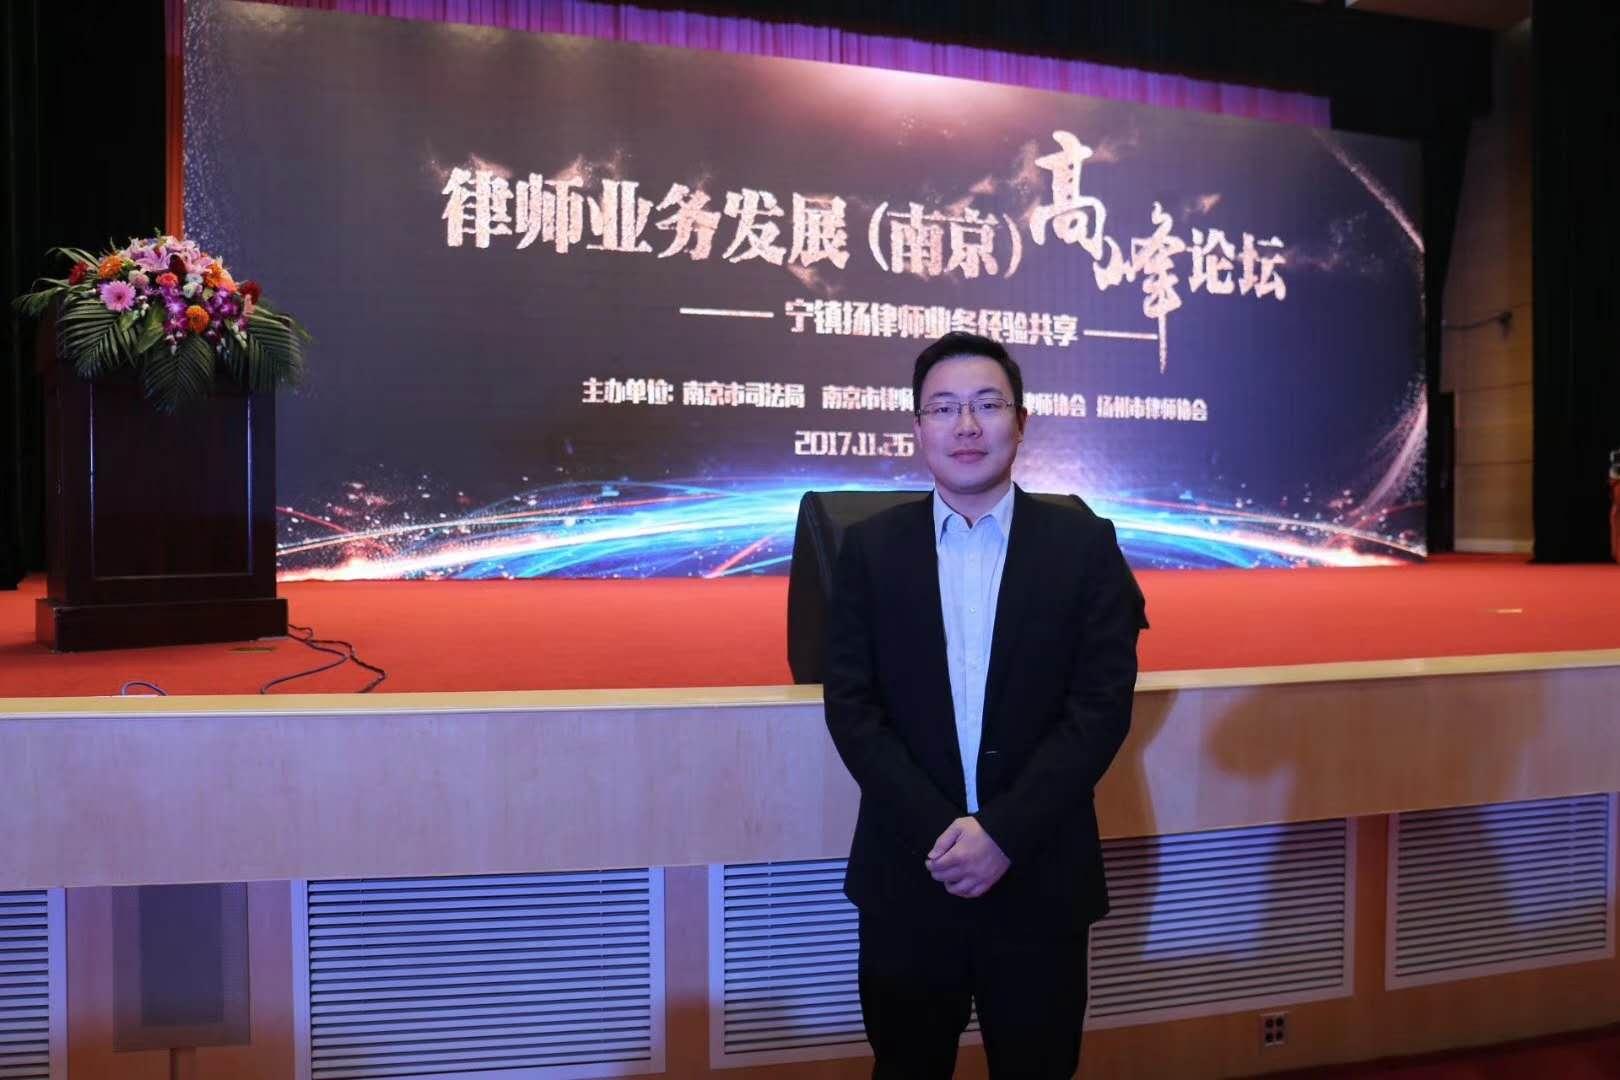 参加律师业务发展(南京)高峰论坛